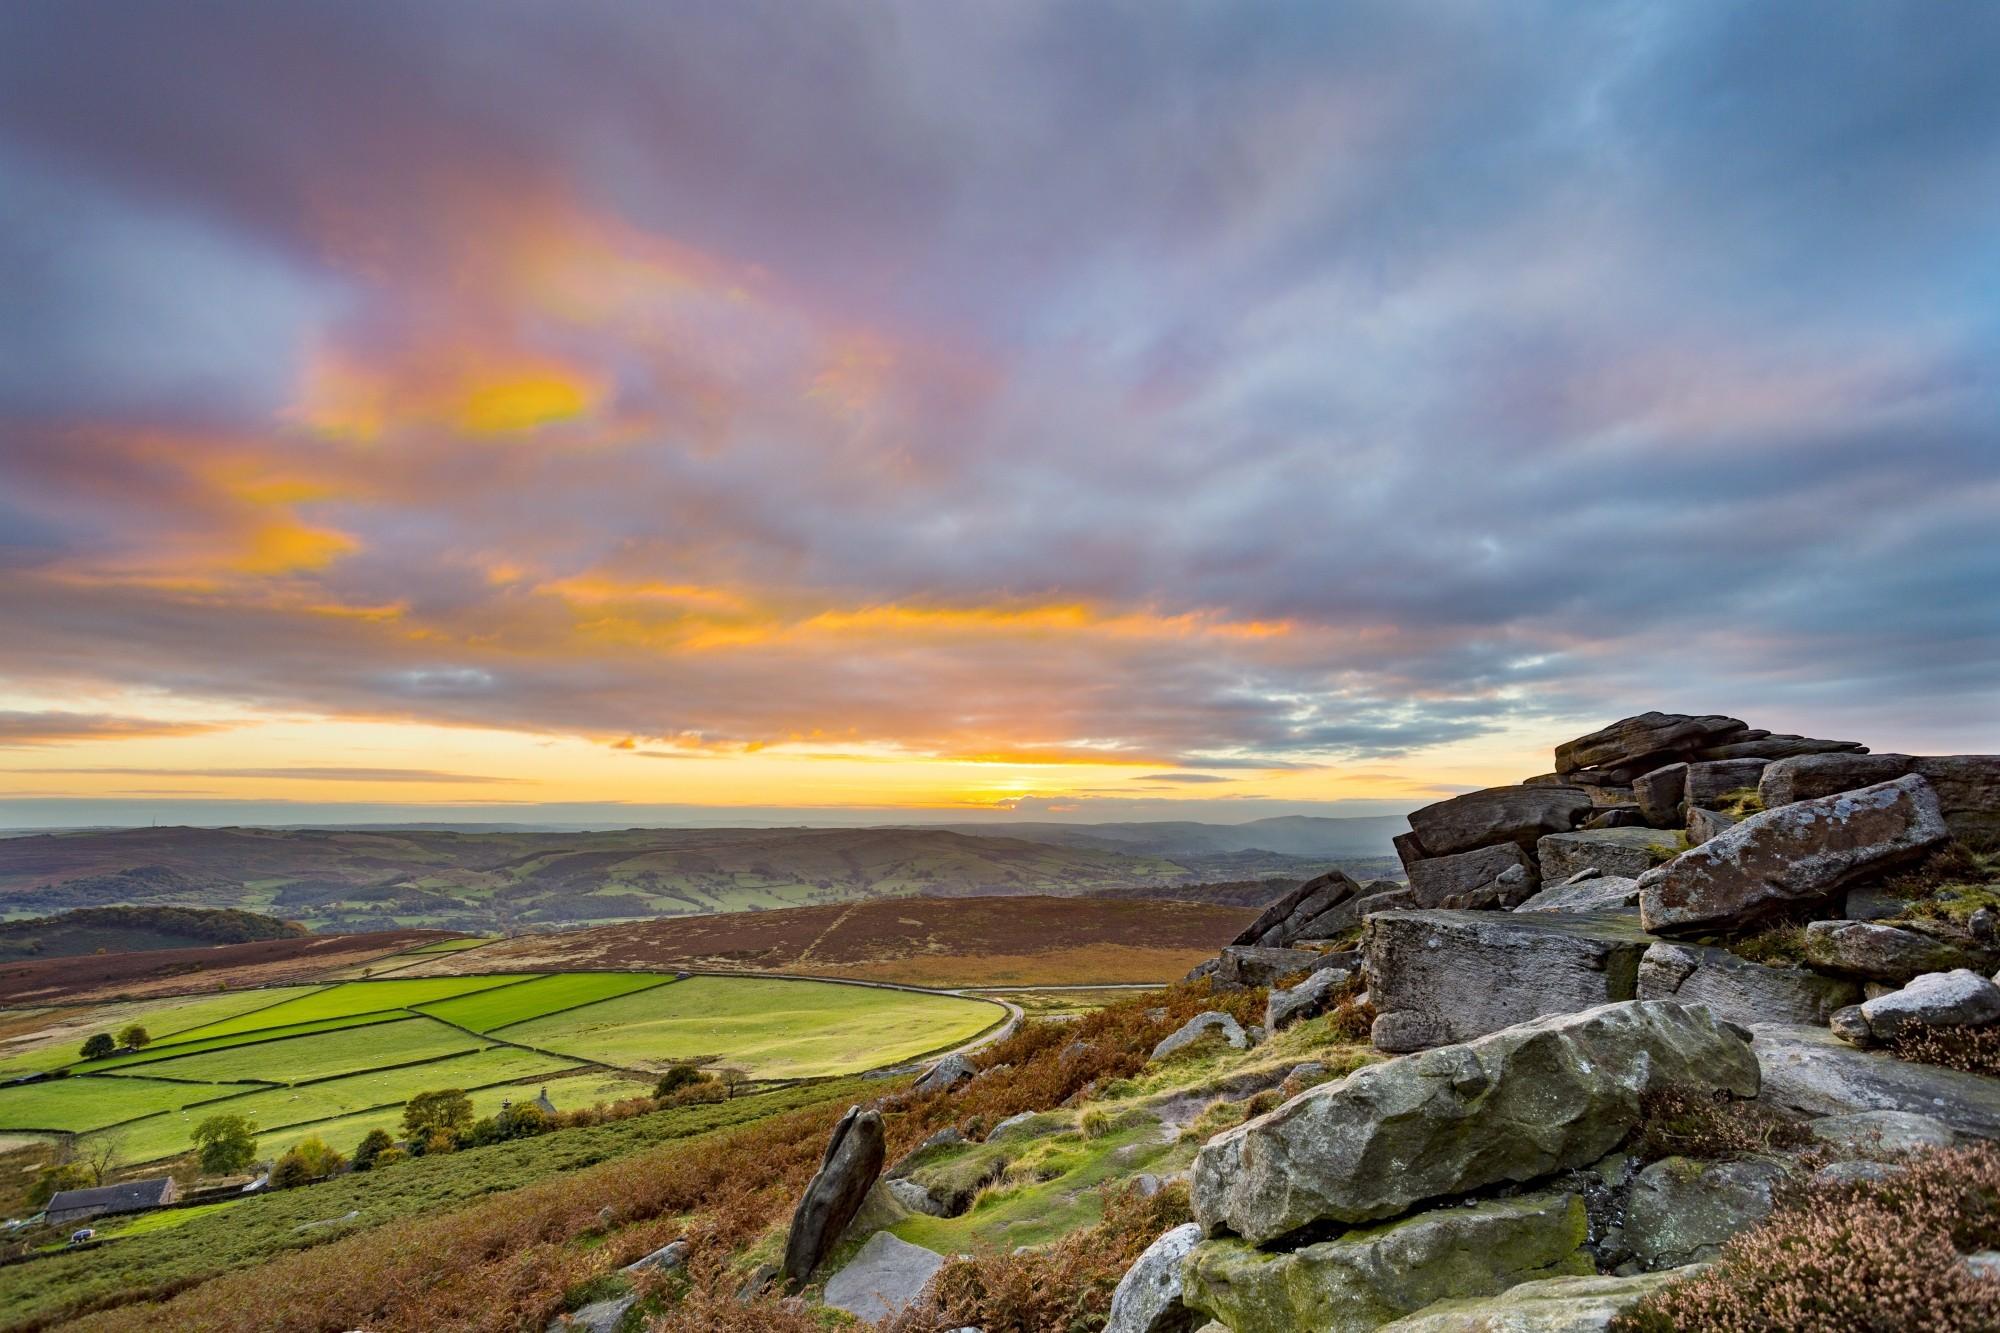 Peak-District-National-Park-Derbyshire-England-UK